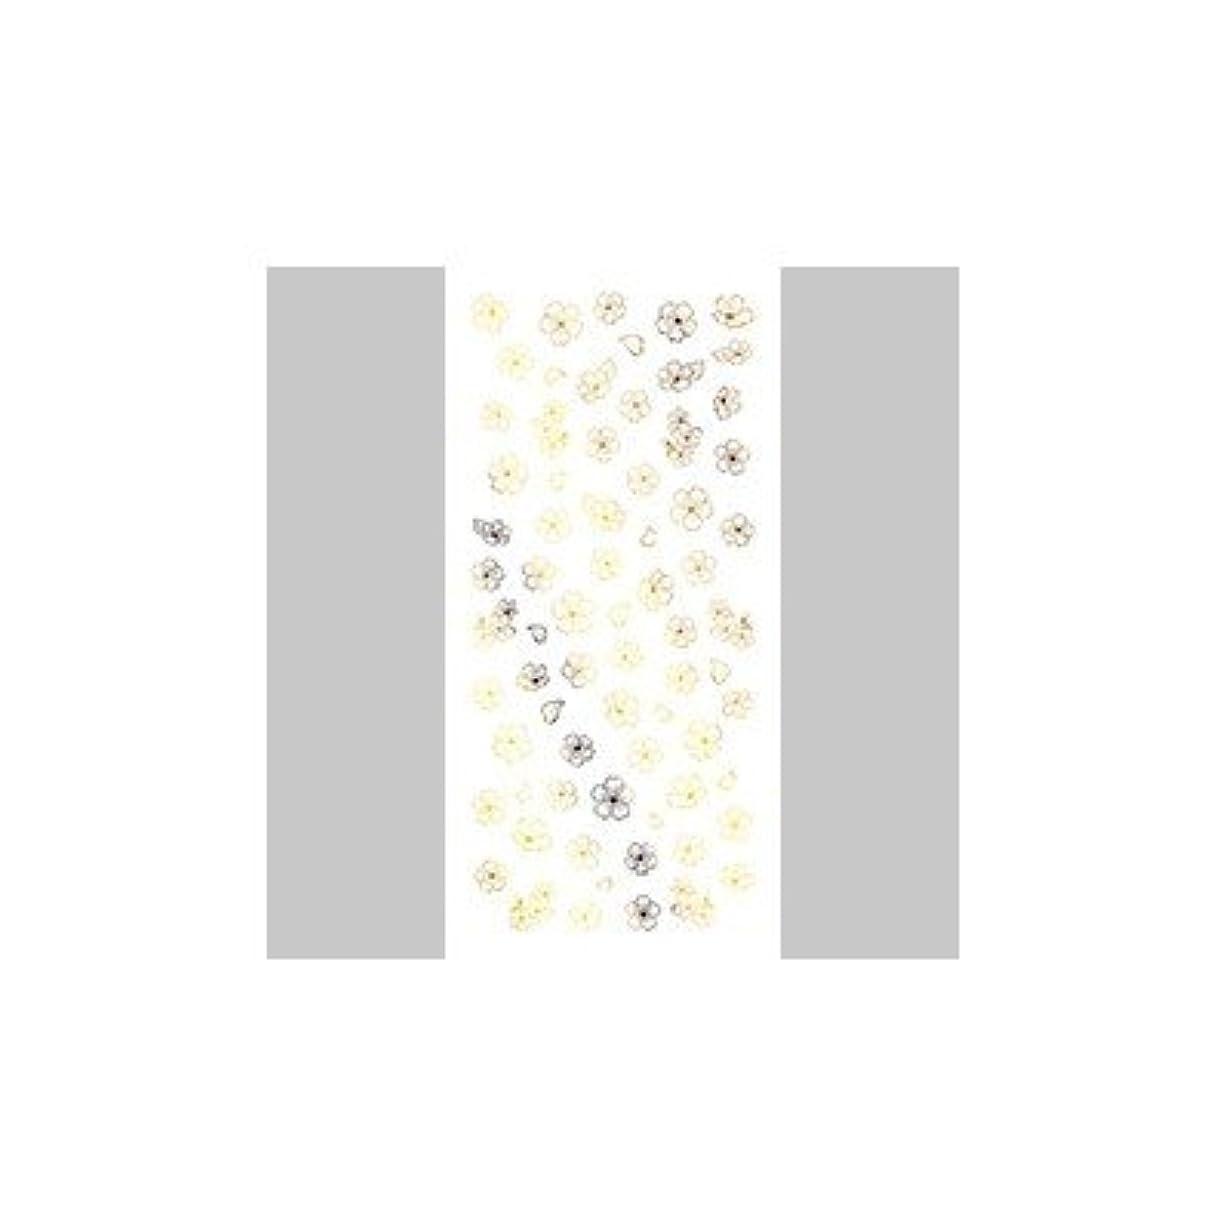 植物学者名詞測定ツメキラ(TSUMEKIRA) ネイル用シール さくら5 ゴールド SG-SKR-502